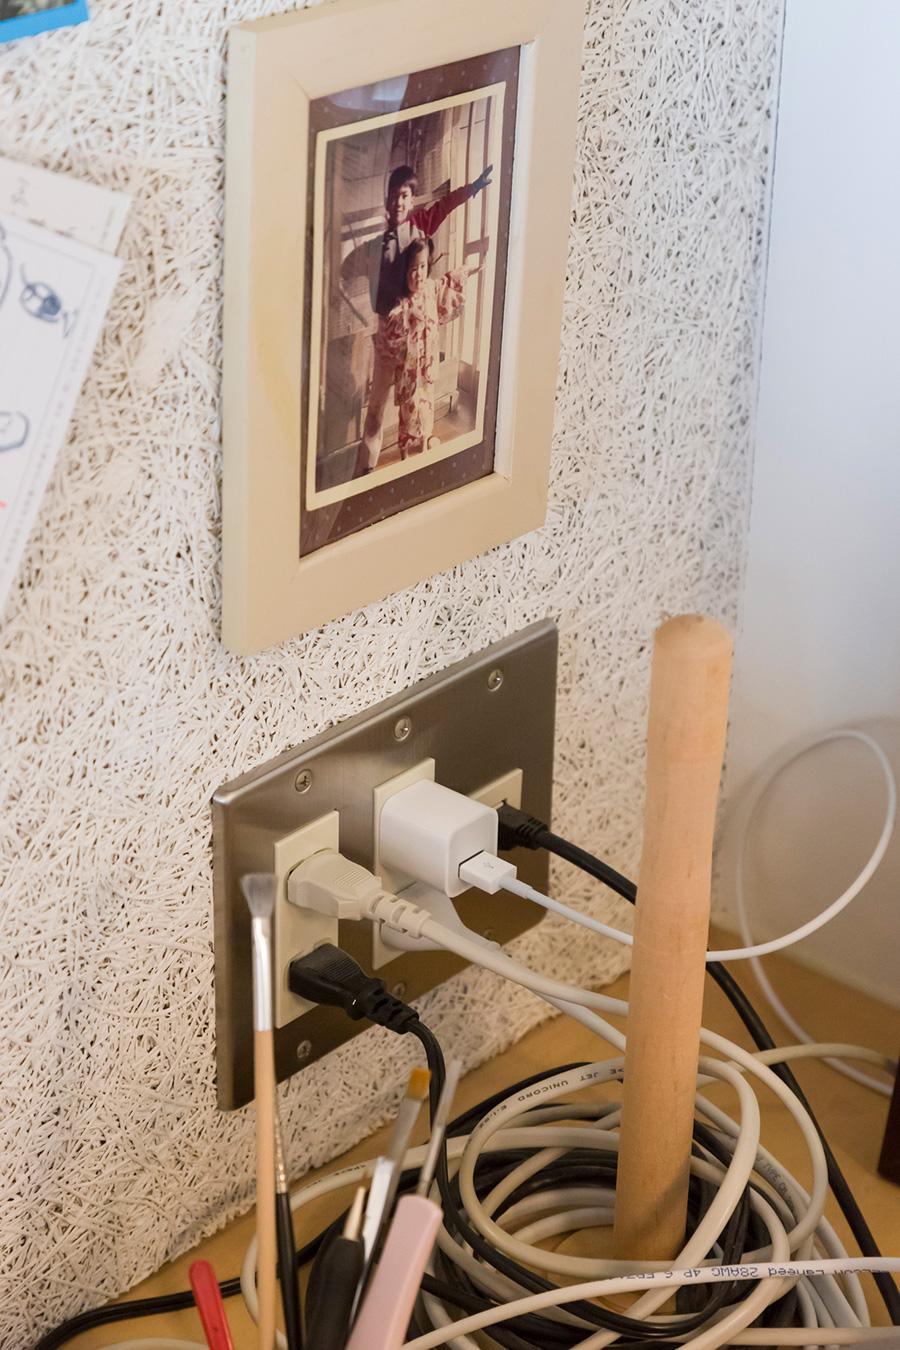 余分なケーブルを棒にクルクルと巻き付ける。簡単にできるケーブルの整頓のアイディア。